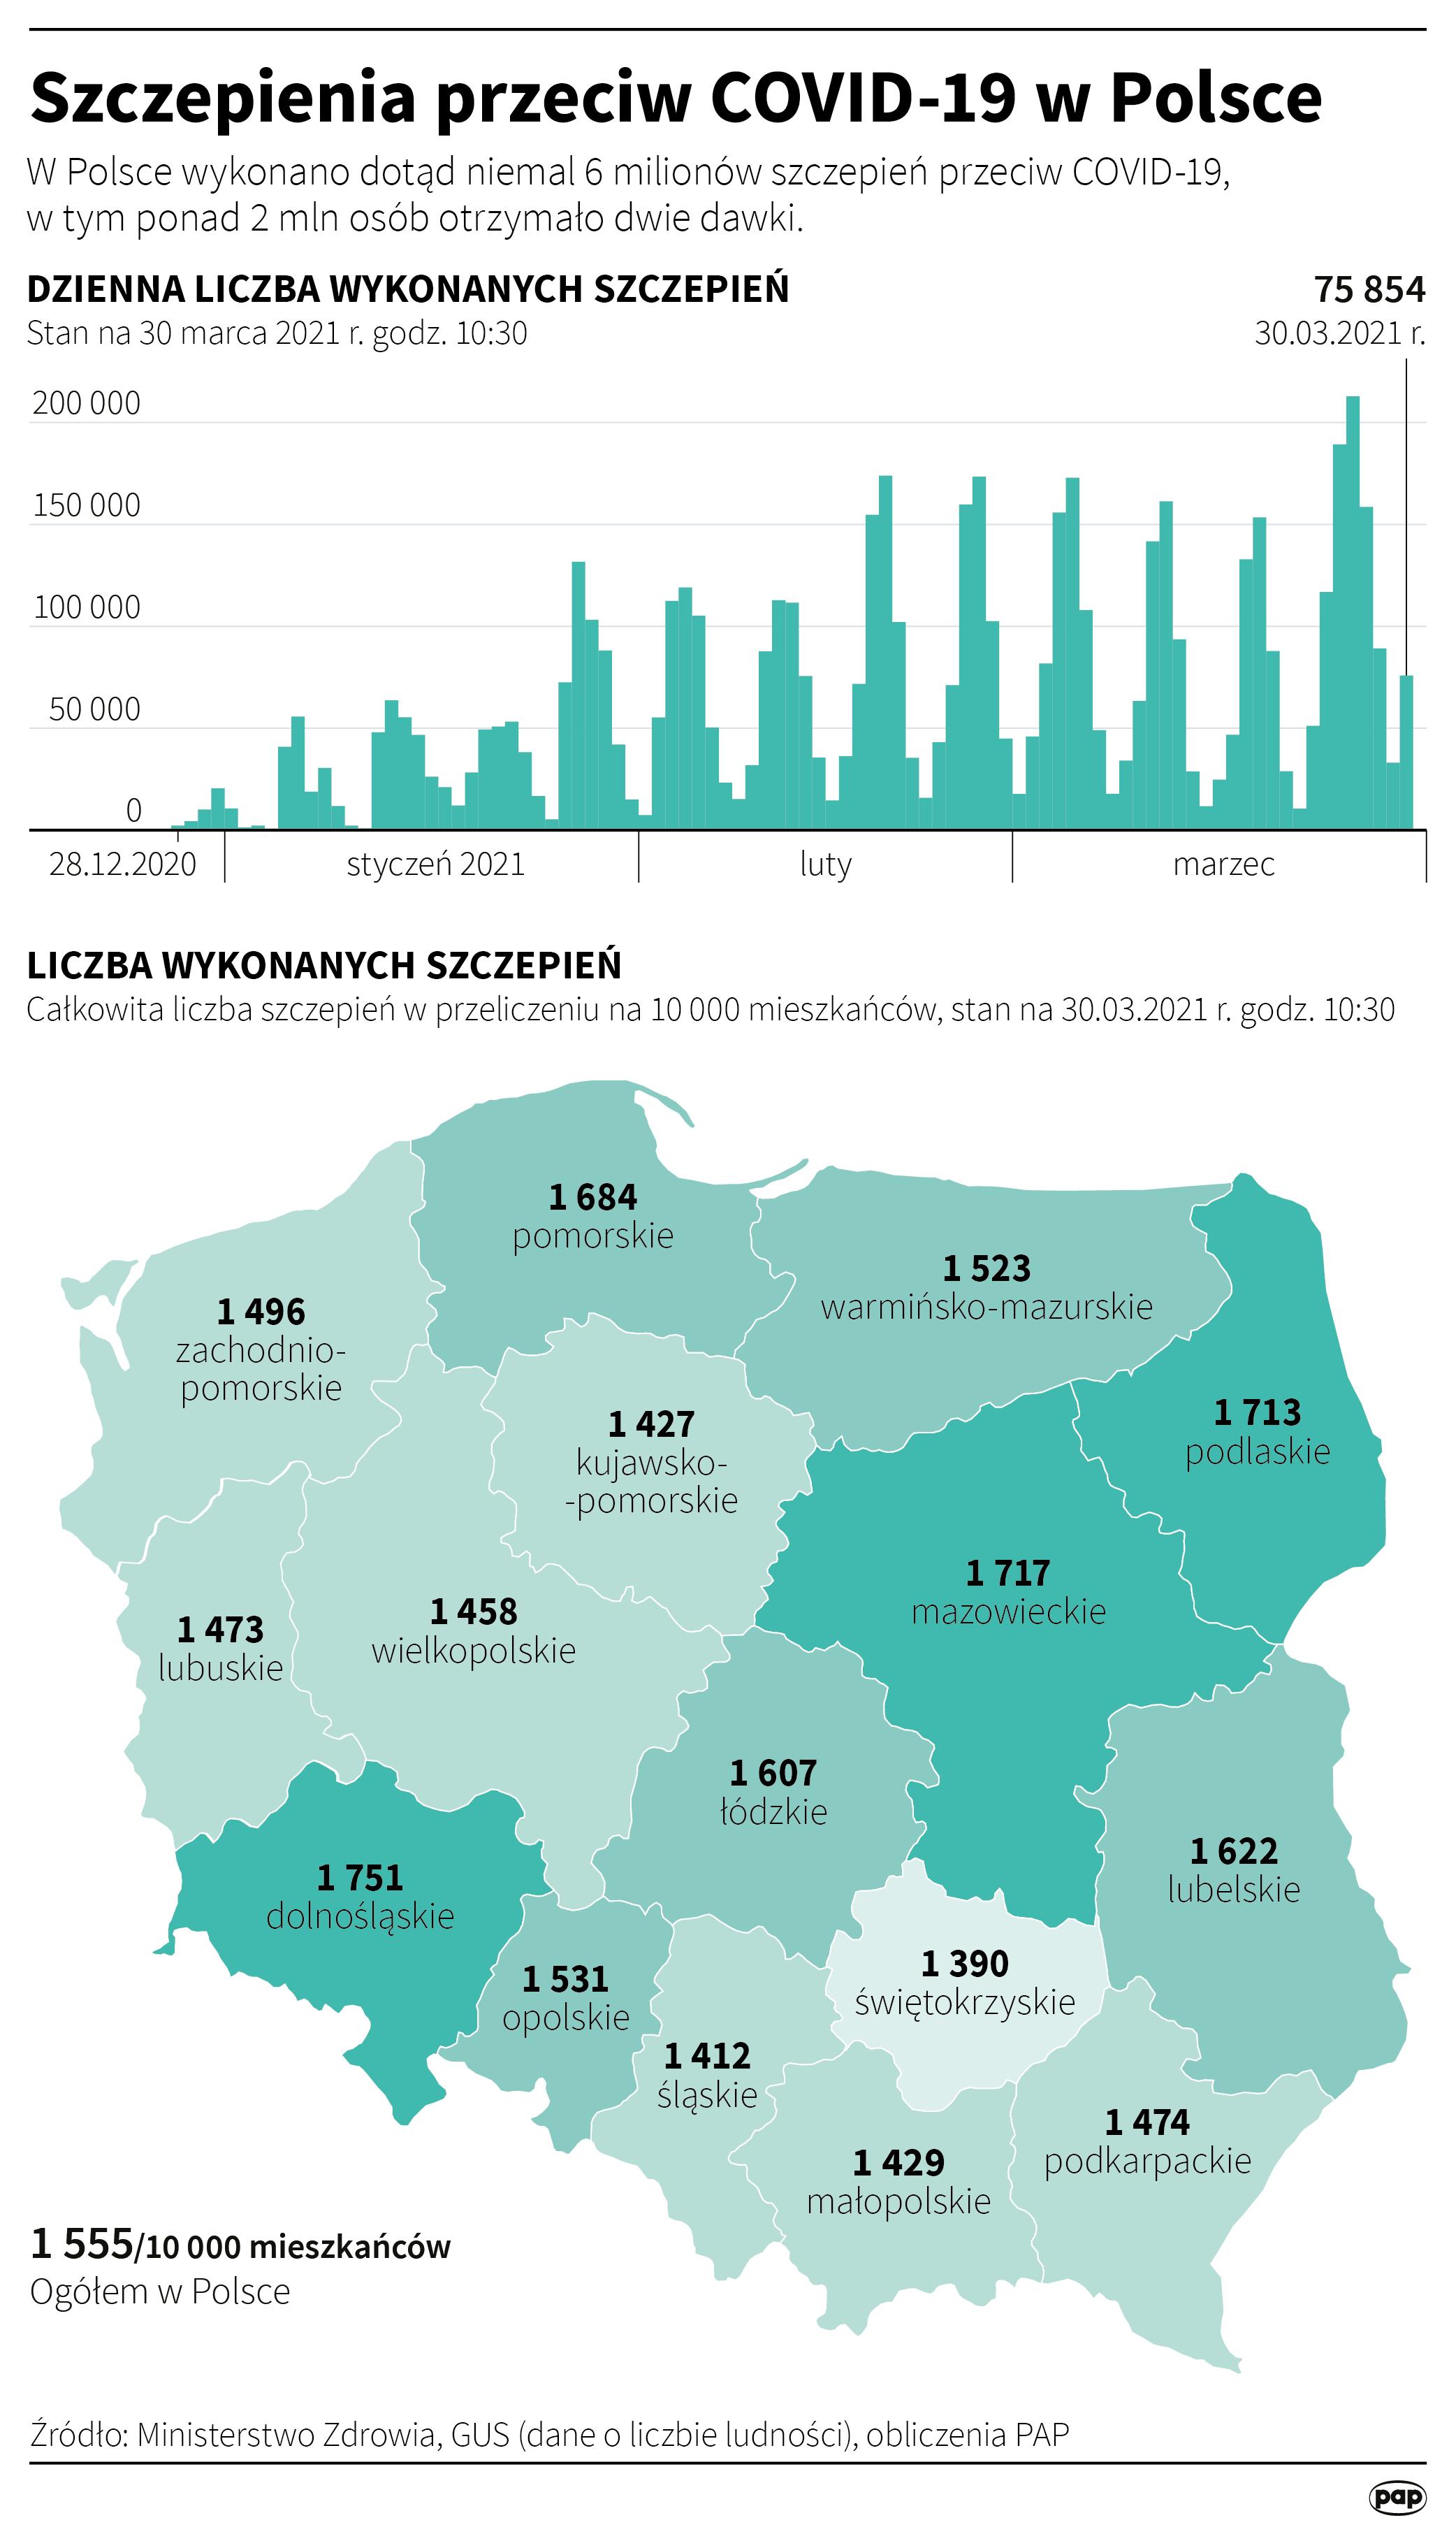 Szczepienia przeciw COVID-19 w Polsce - 30 marca [Autor: Maciej Zieliński, źródło: PAP]